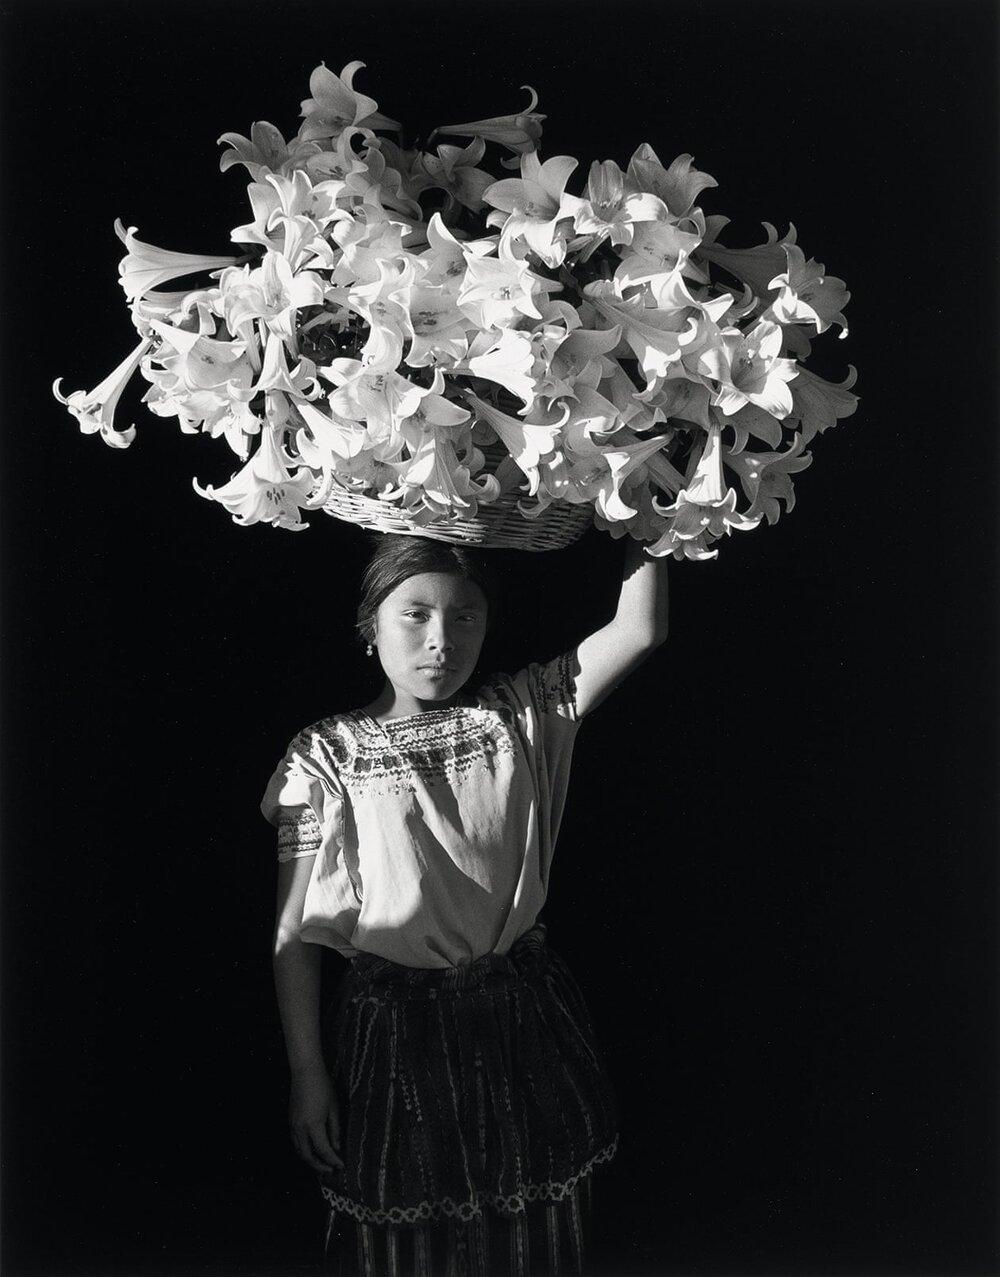 Флор Гардуньо, Basket of Light, 1989